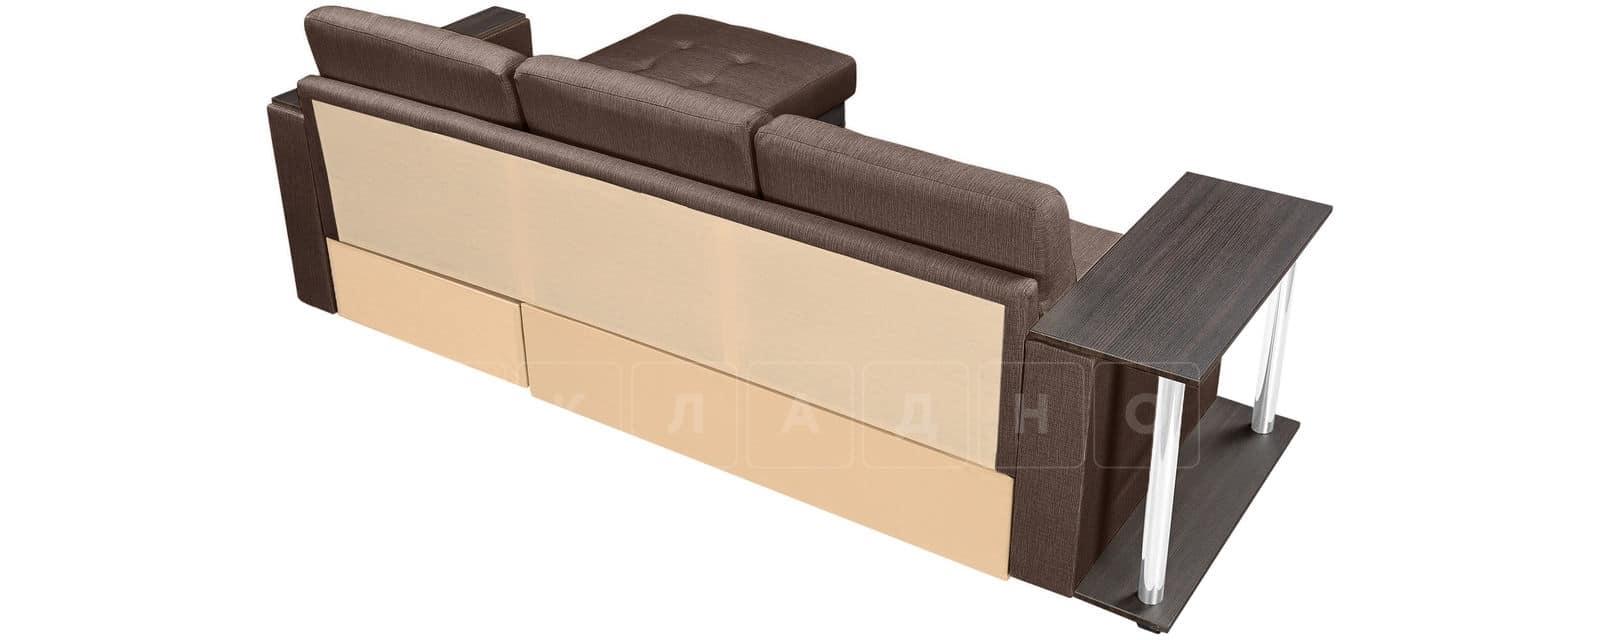 Угловой диван Атланта рогожка коричневого цвета фото 3 | интернет-магазин Складно